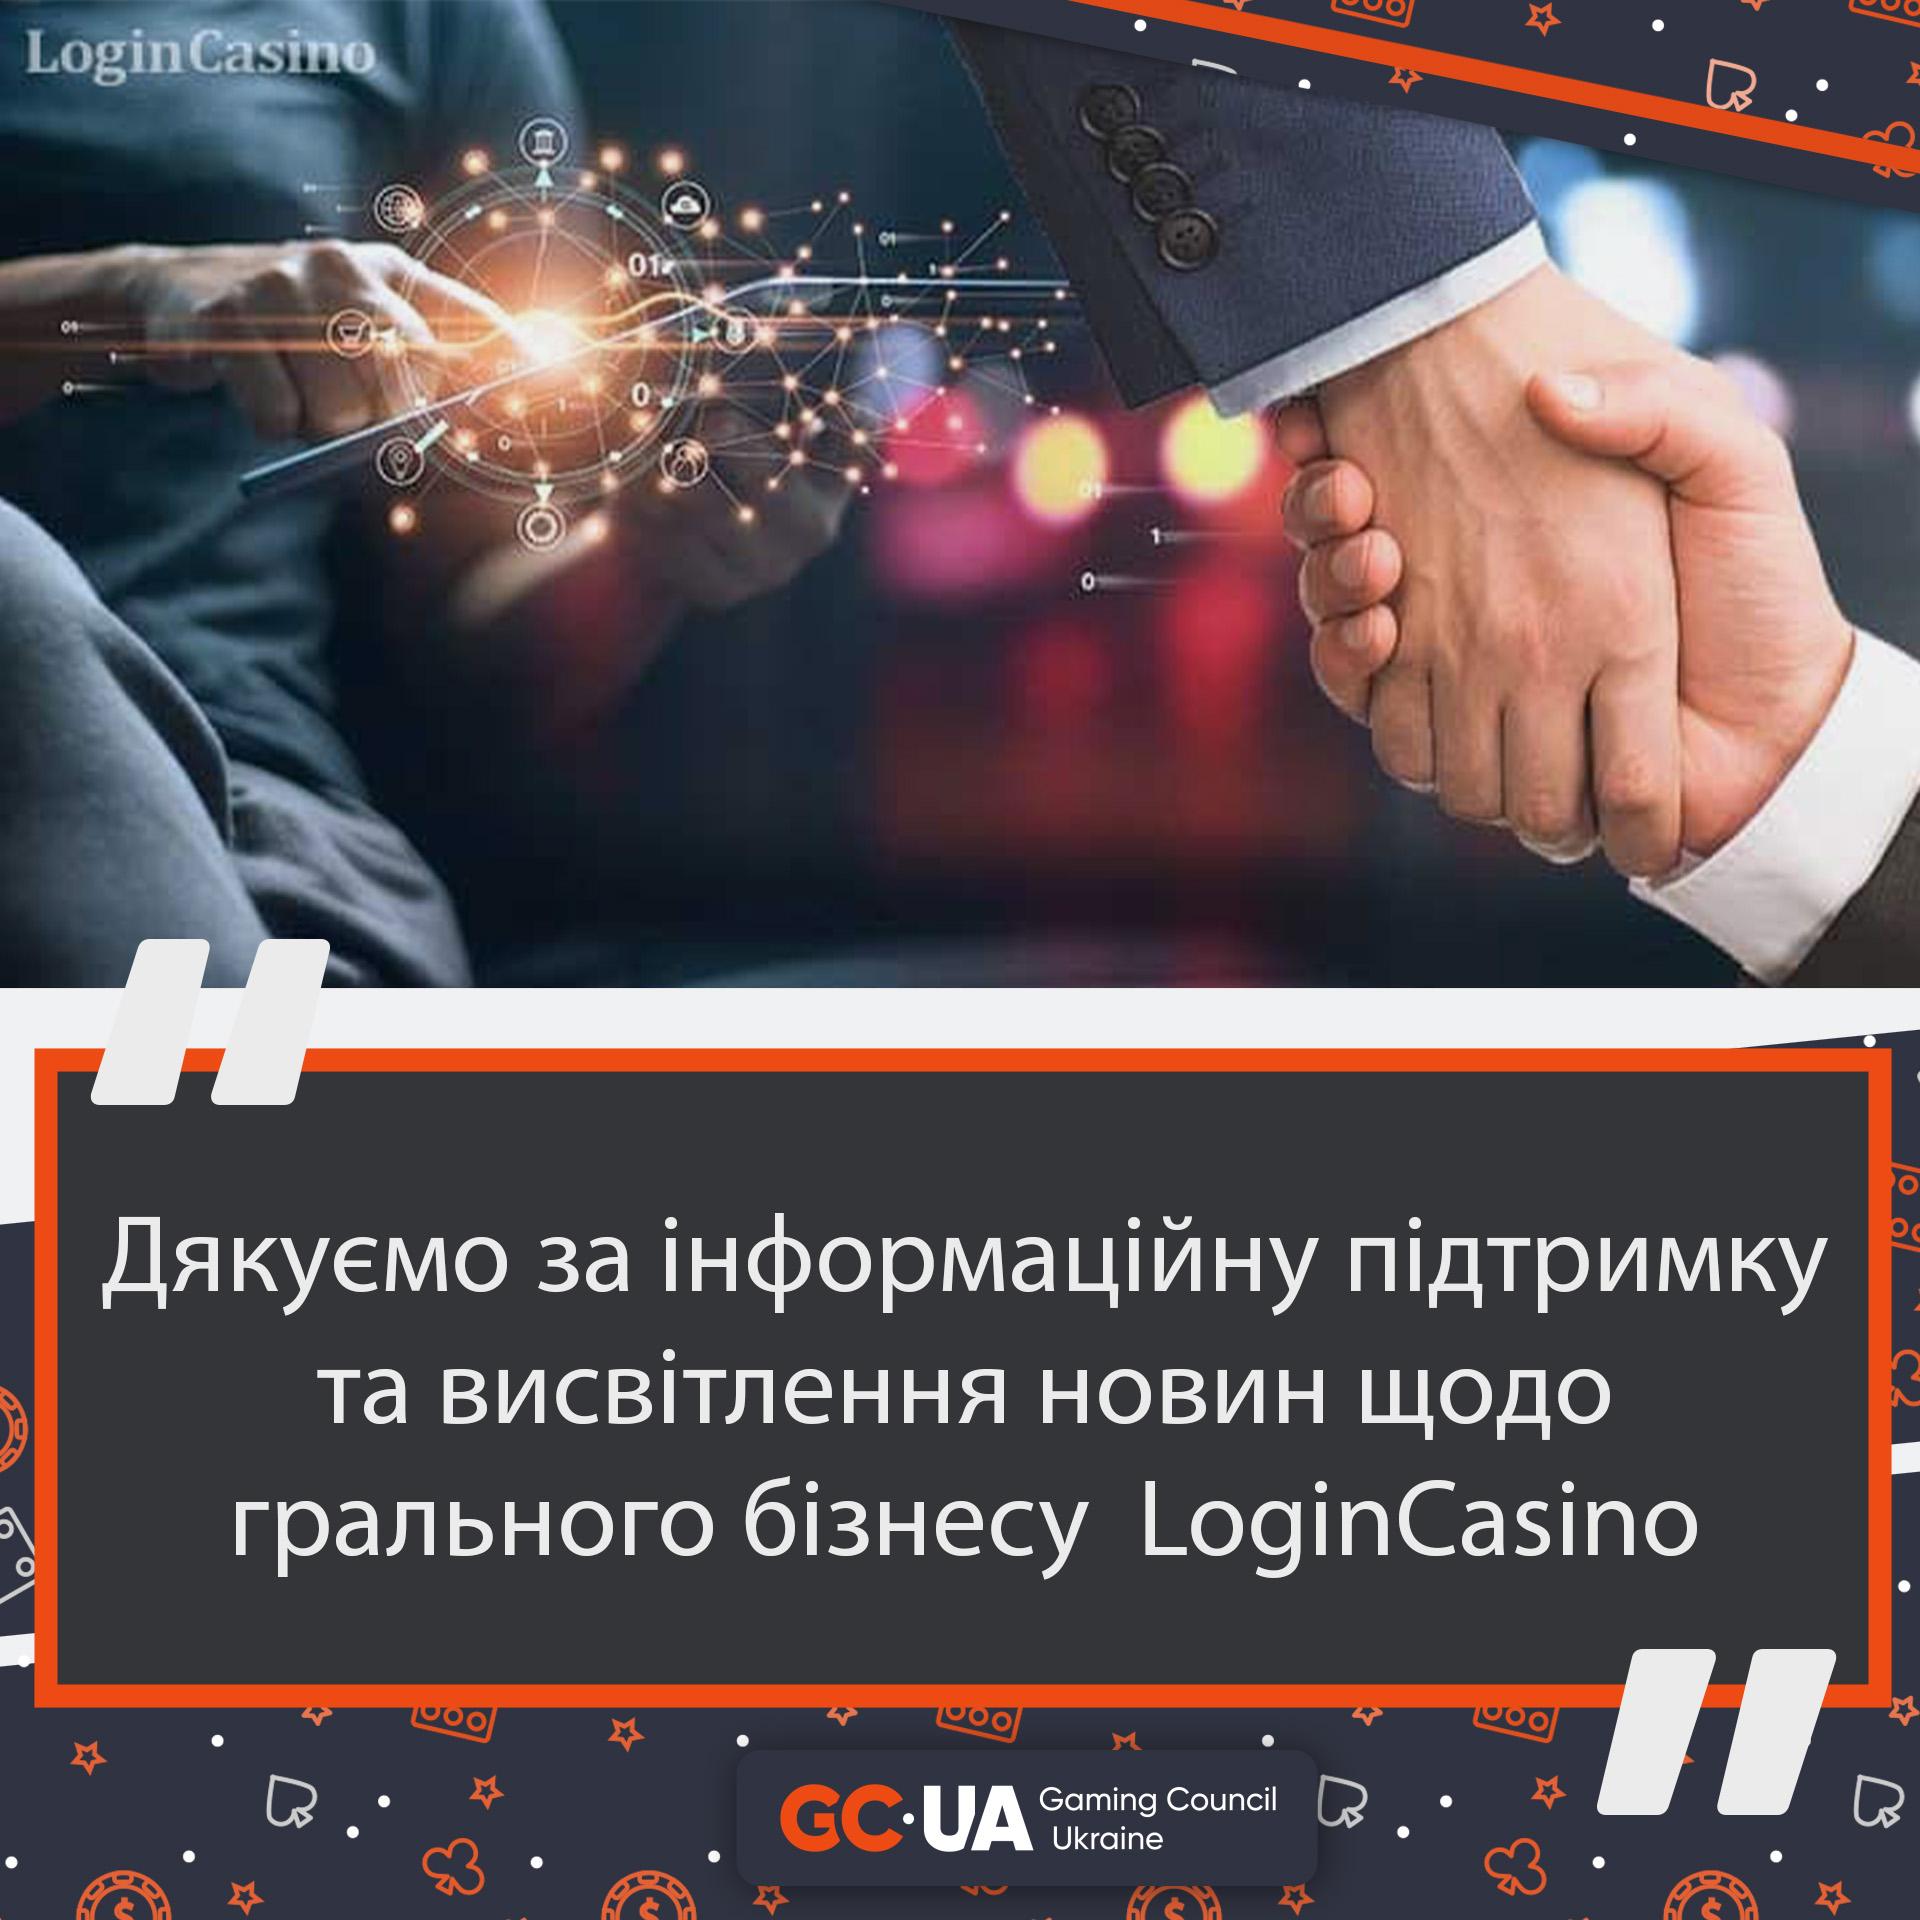 Більше про угоду GC-UA та UAPS читайте на LoginCasino